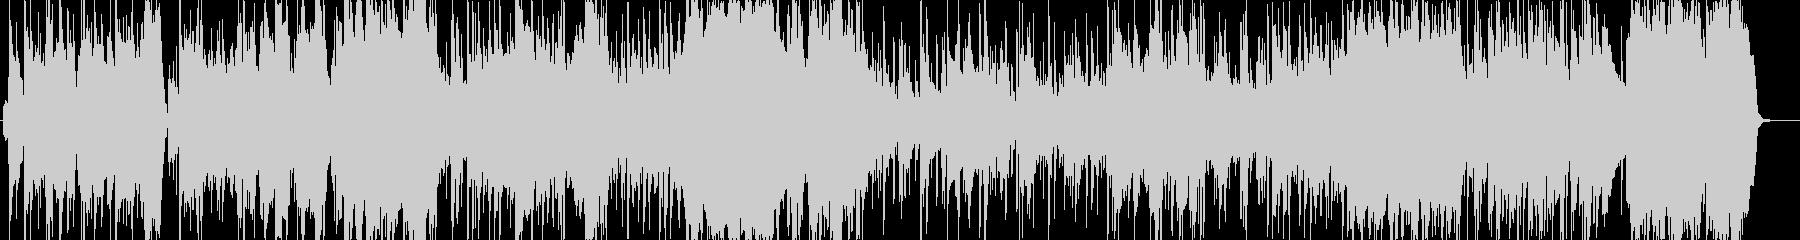 重厚なオーケストラでラテン風のリズムの未再生の波形